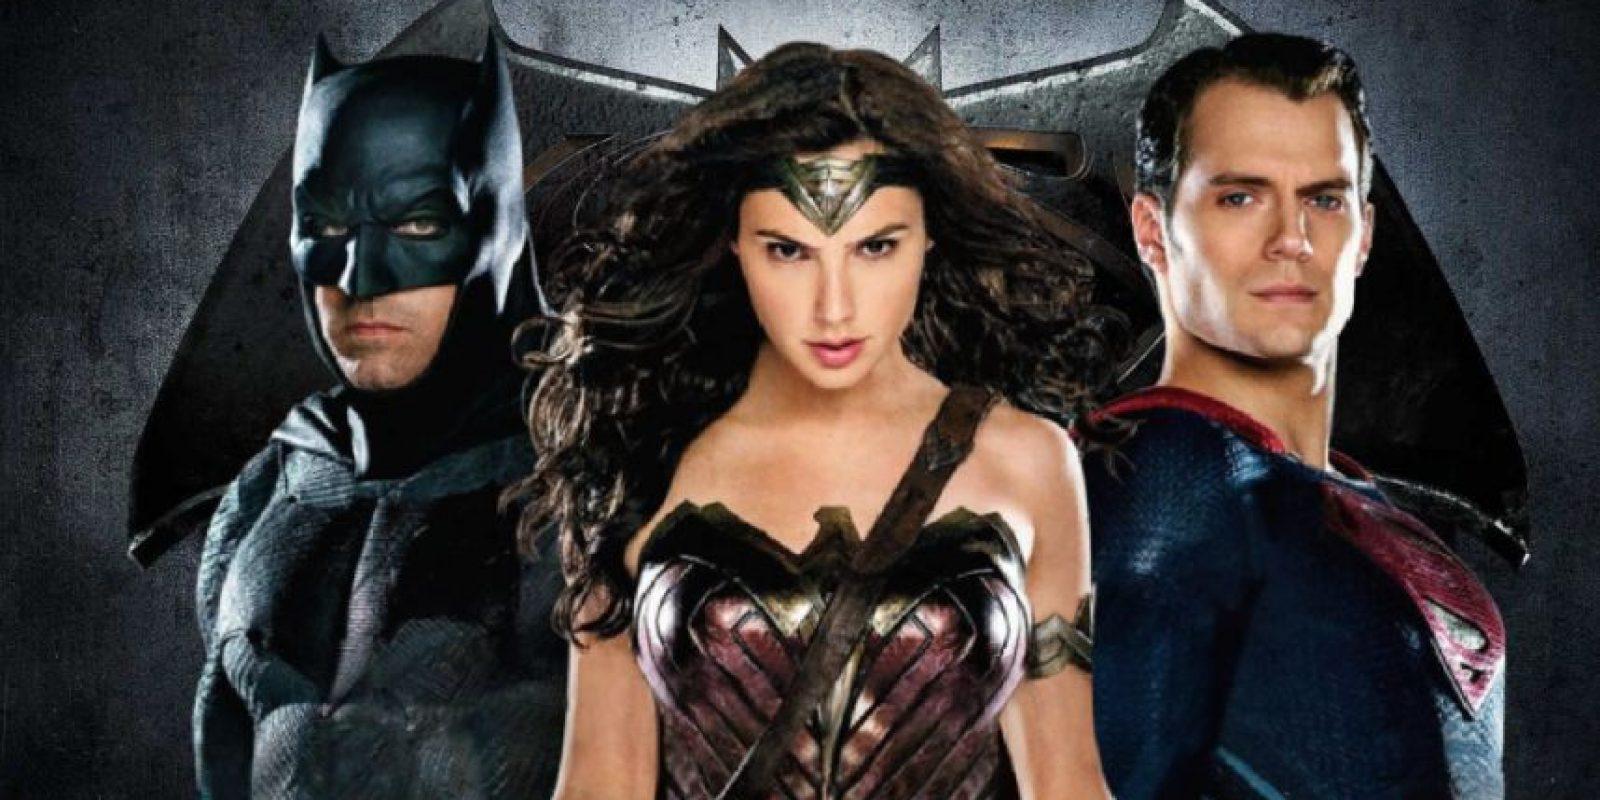 La Mujer Maravilla prácticamente los borra en una aparición. Foto:vía Warner. Imagen Por: